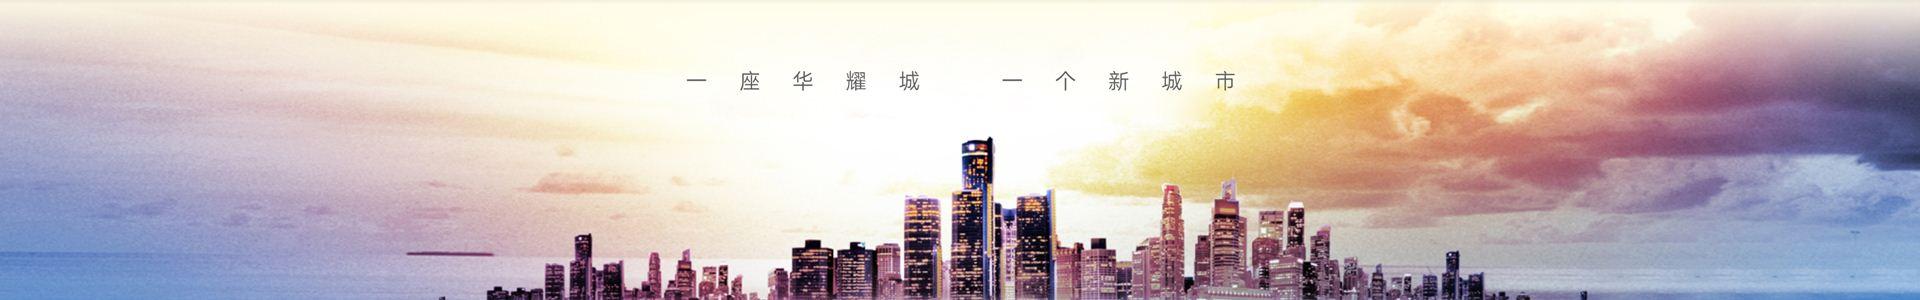 黄金城平台-2